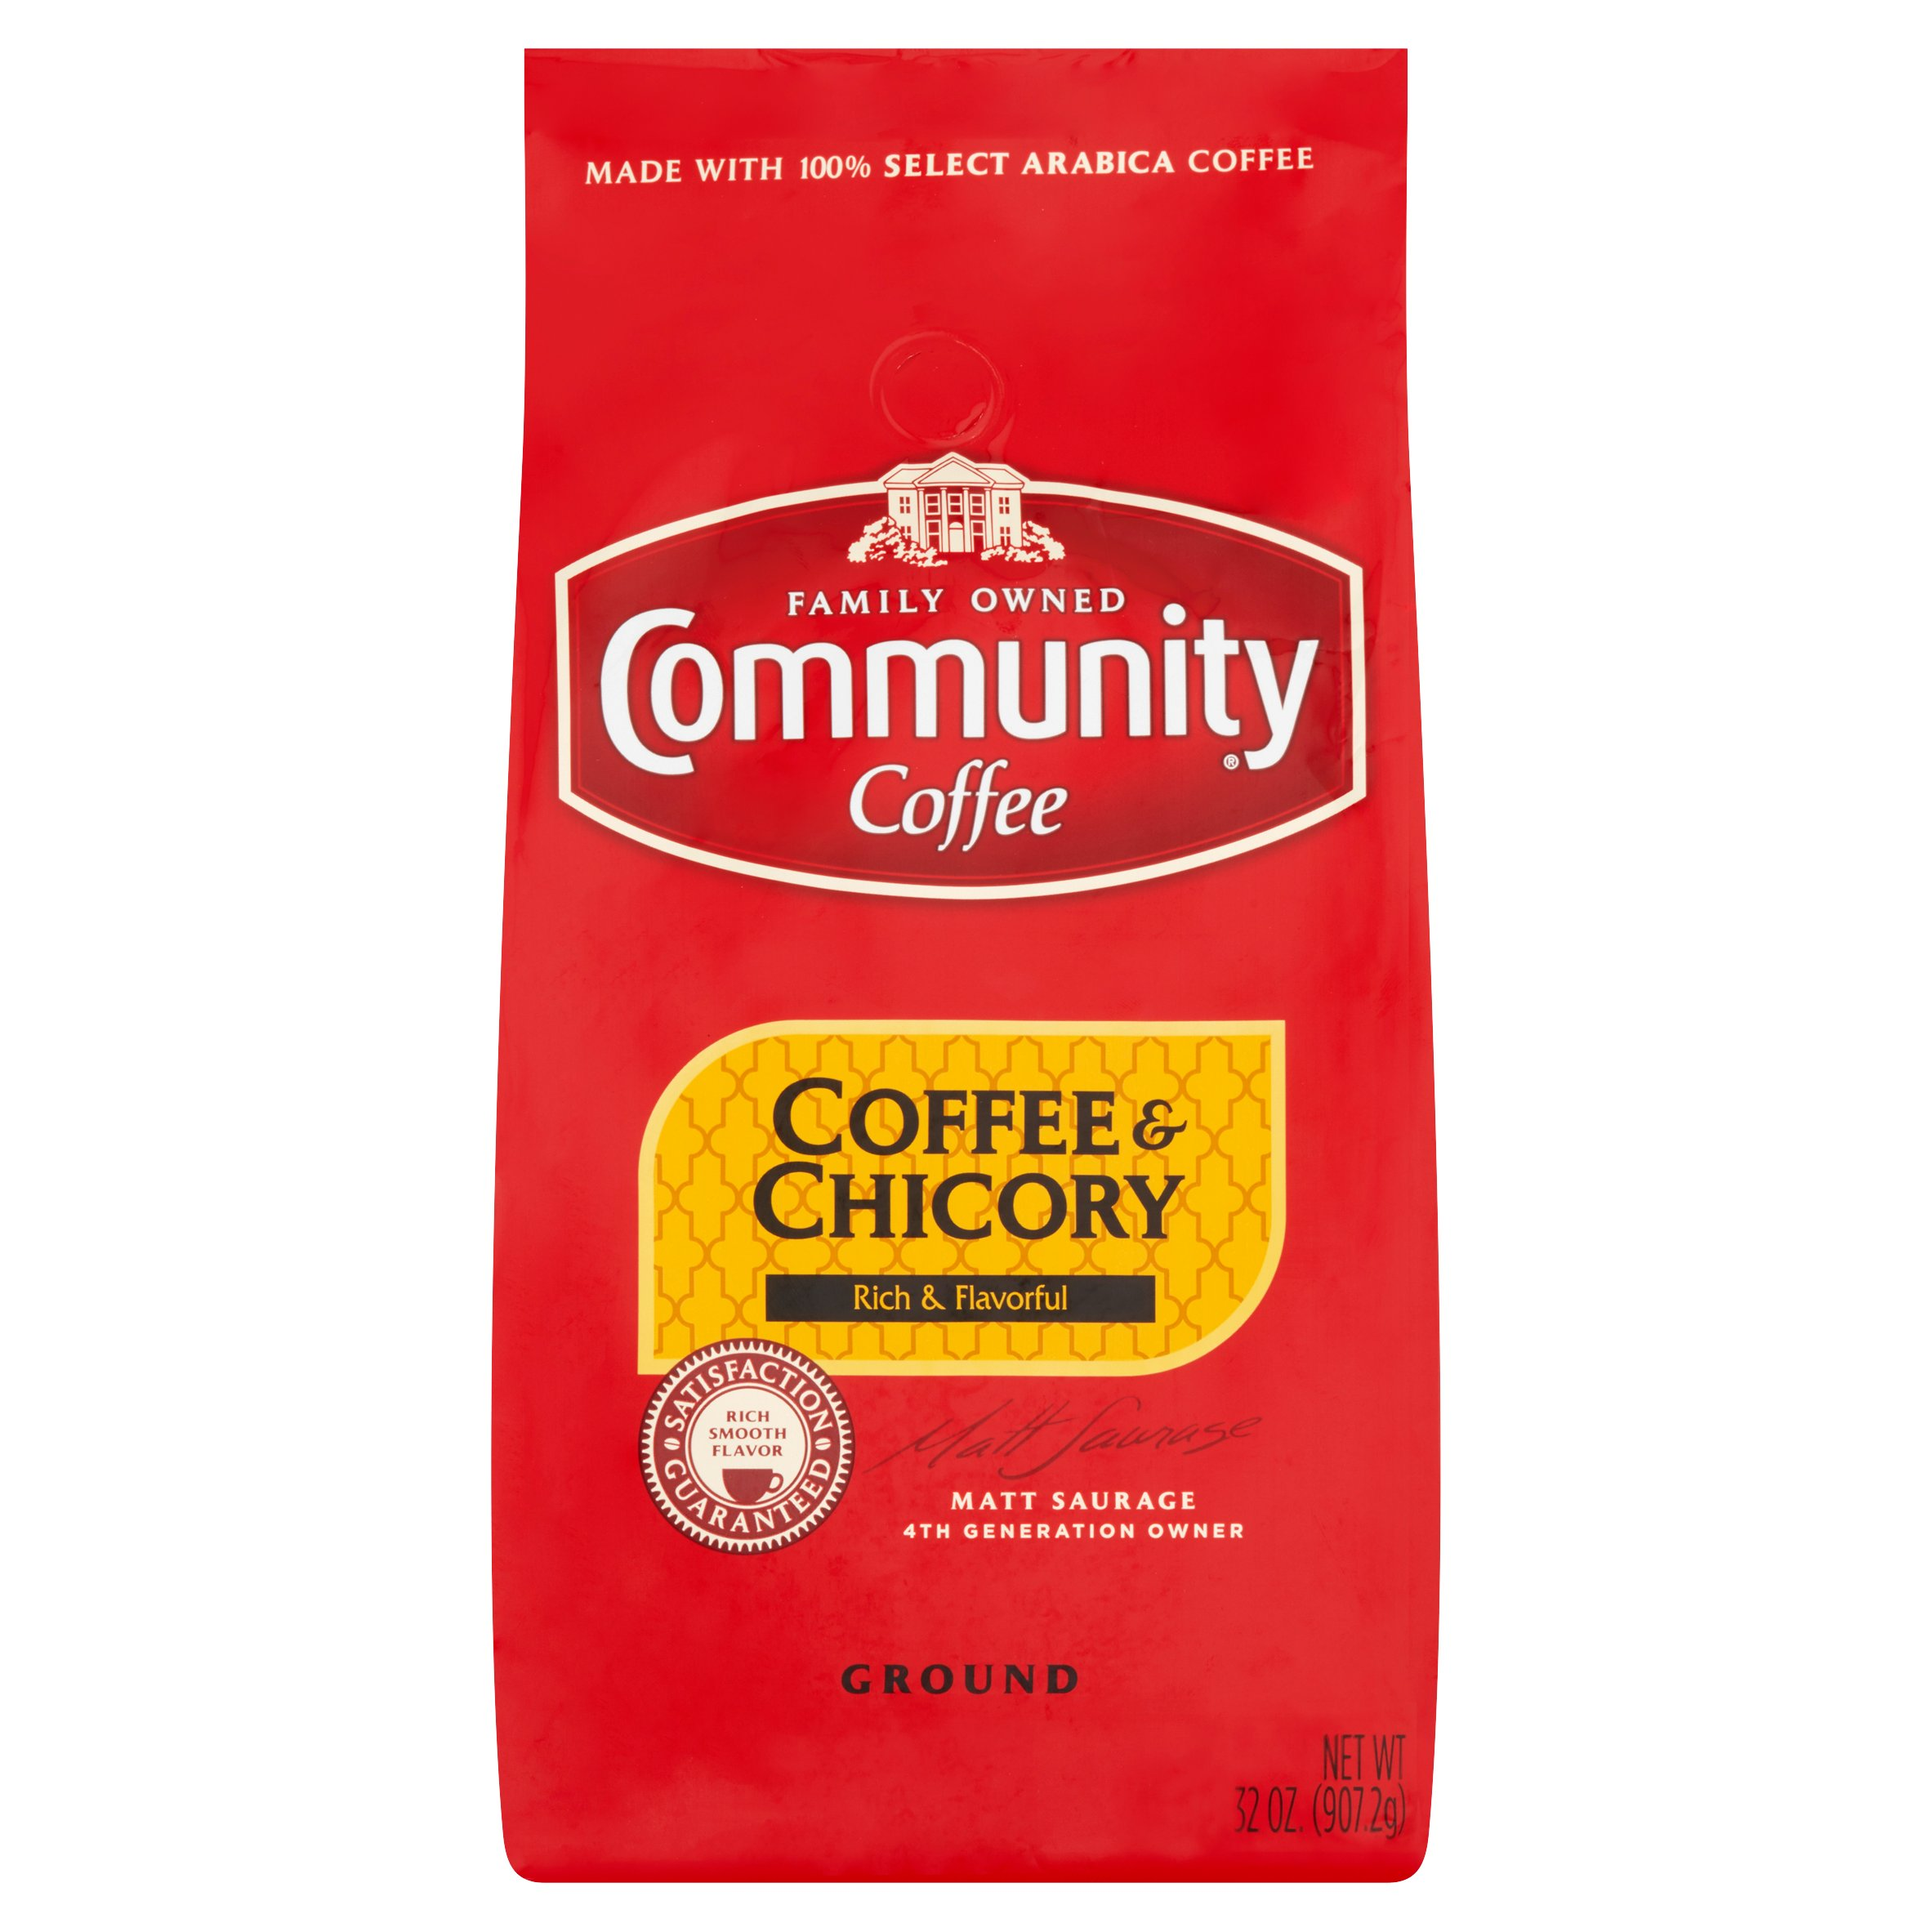 Chicory Coffee Community Coffee Premium Ground Coffee And Chicory Medium Dark